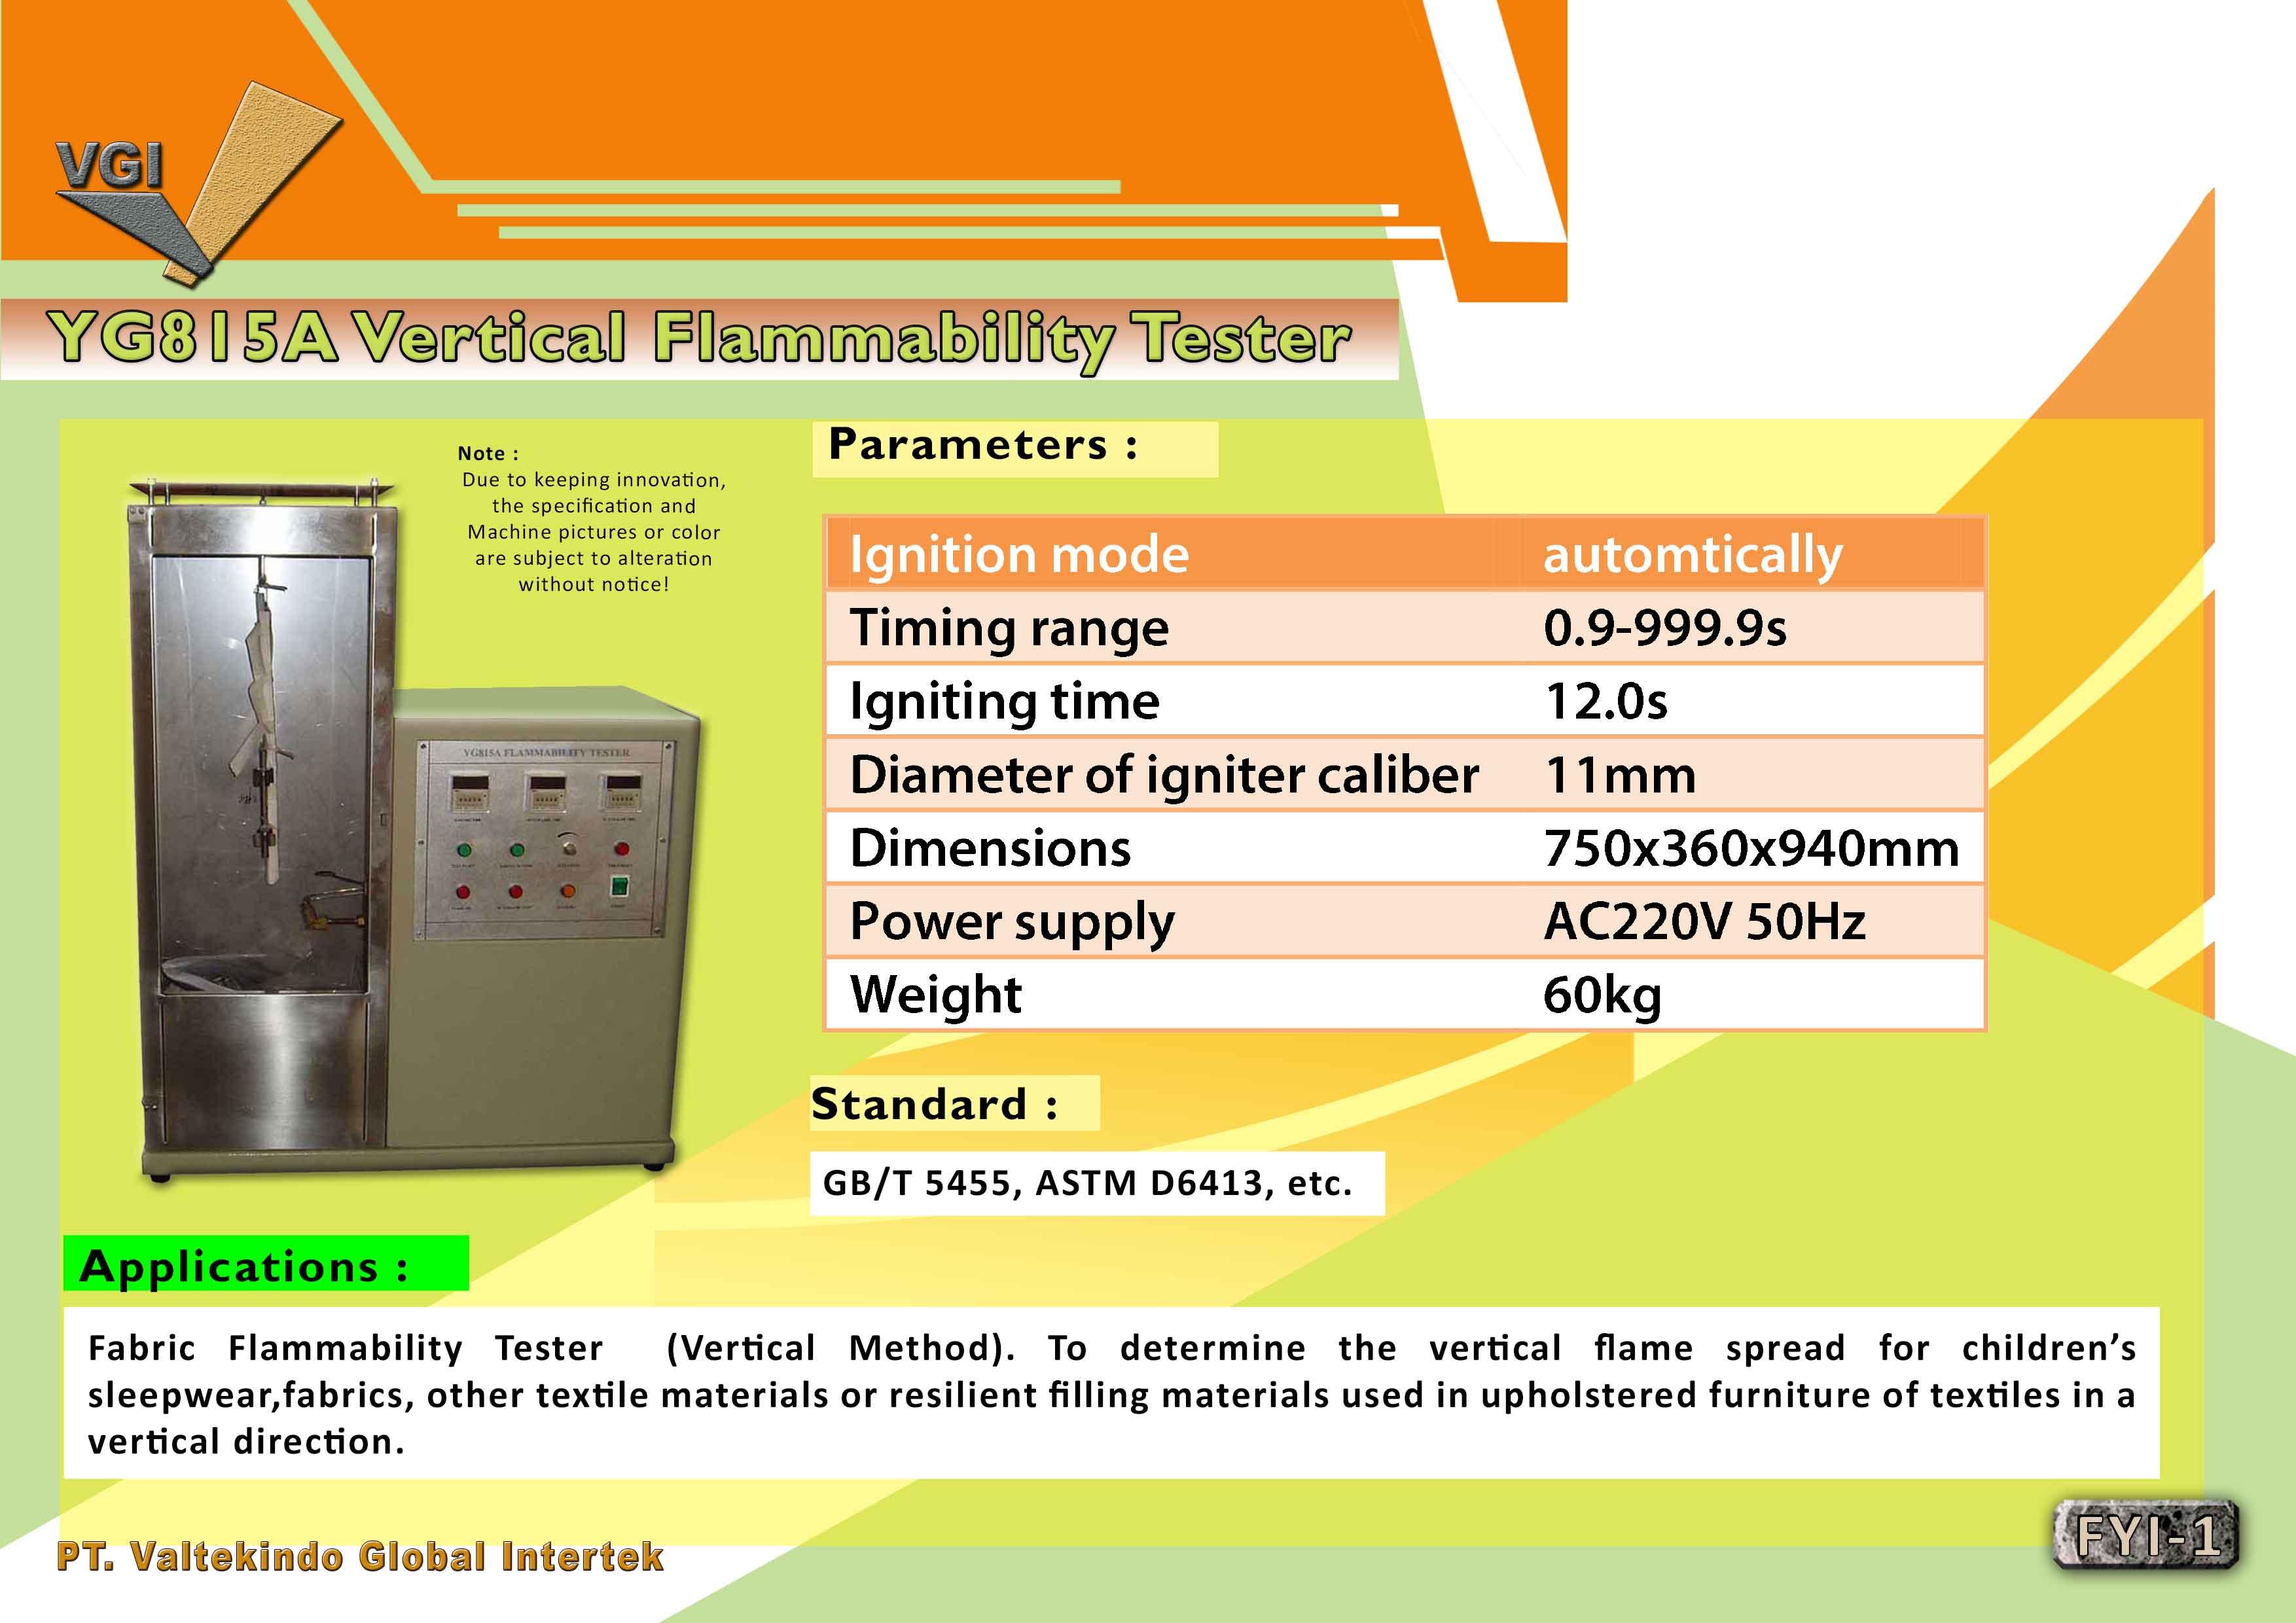 jual mesin, harga mesin, distributor mesin, jual mesin karet, daur ulang plastik Vertical Flammability Tester  Vertical Flammability Tester